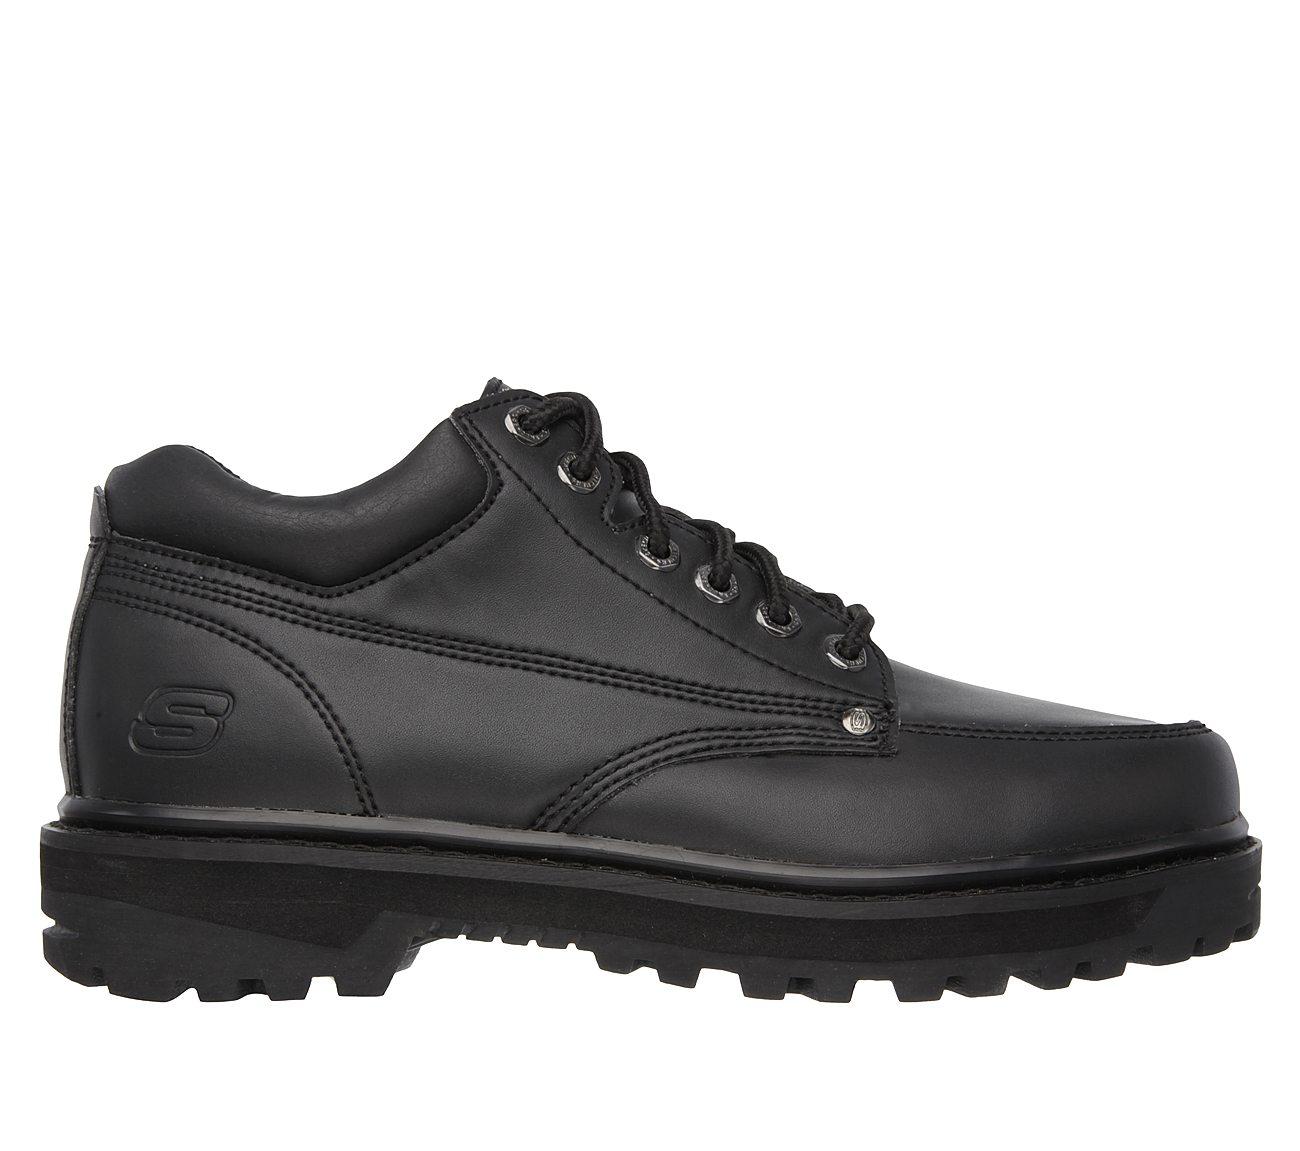 skechers mens boots chelsea boot